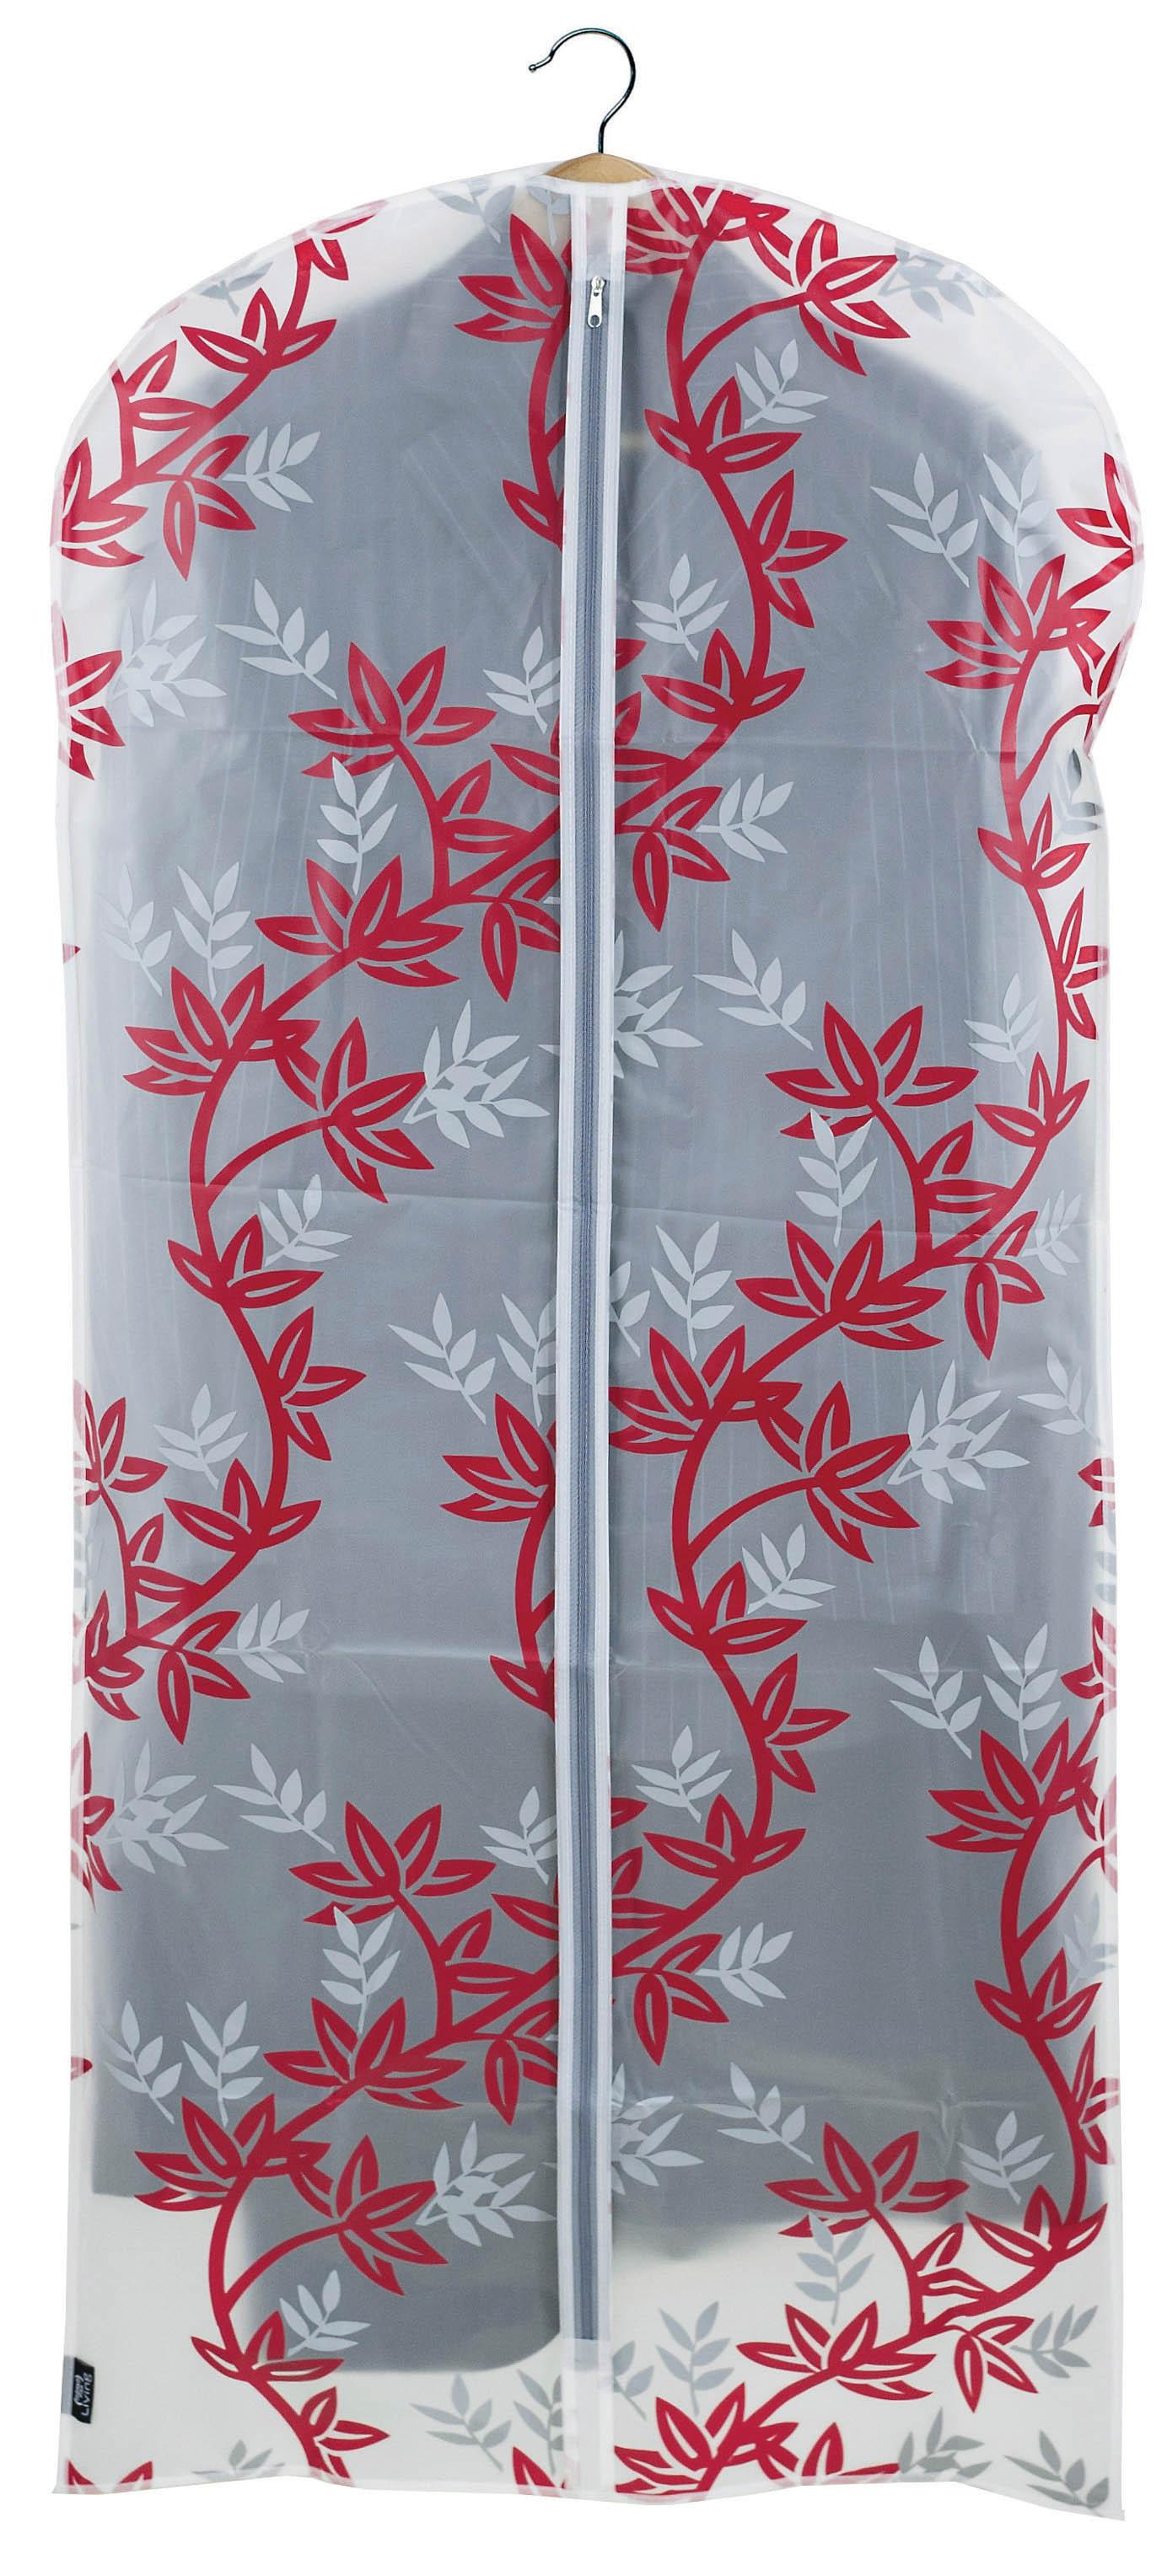 DOMOPAK Living Ochranný obal na šaty s uzavíráním na zip s větvičkami